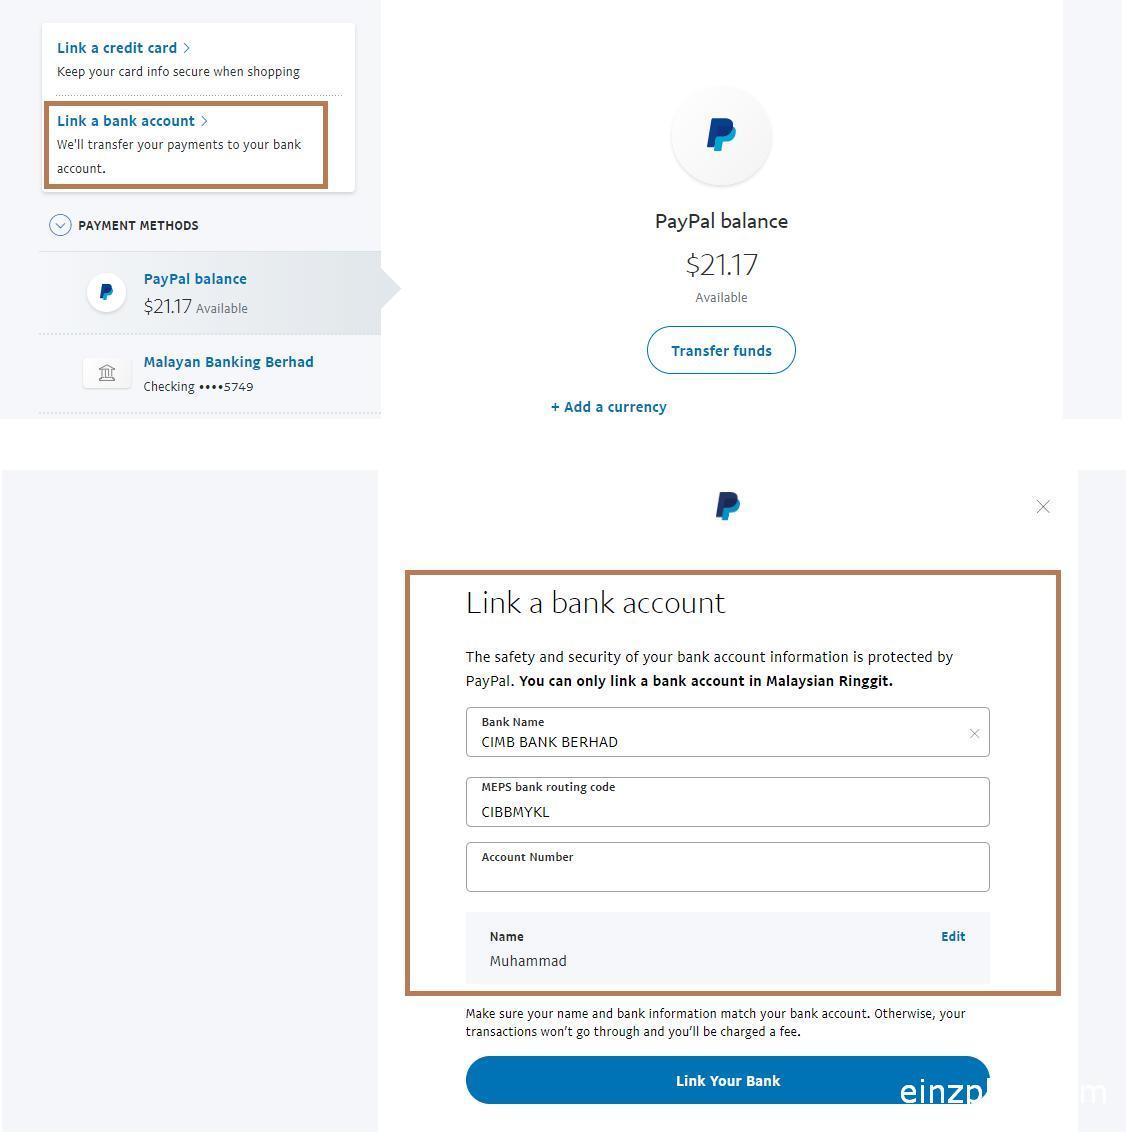 cara link akaun bank paypal malaysia